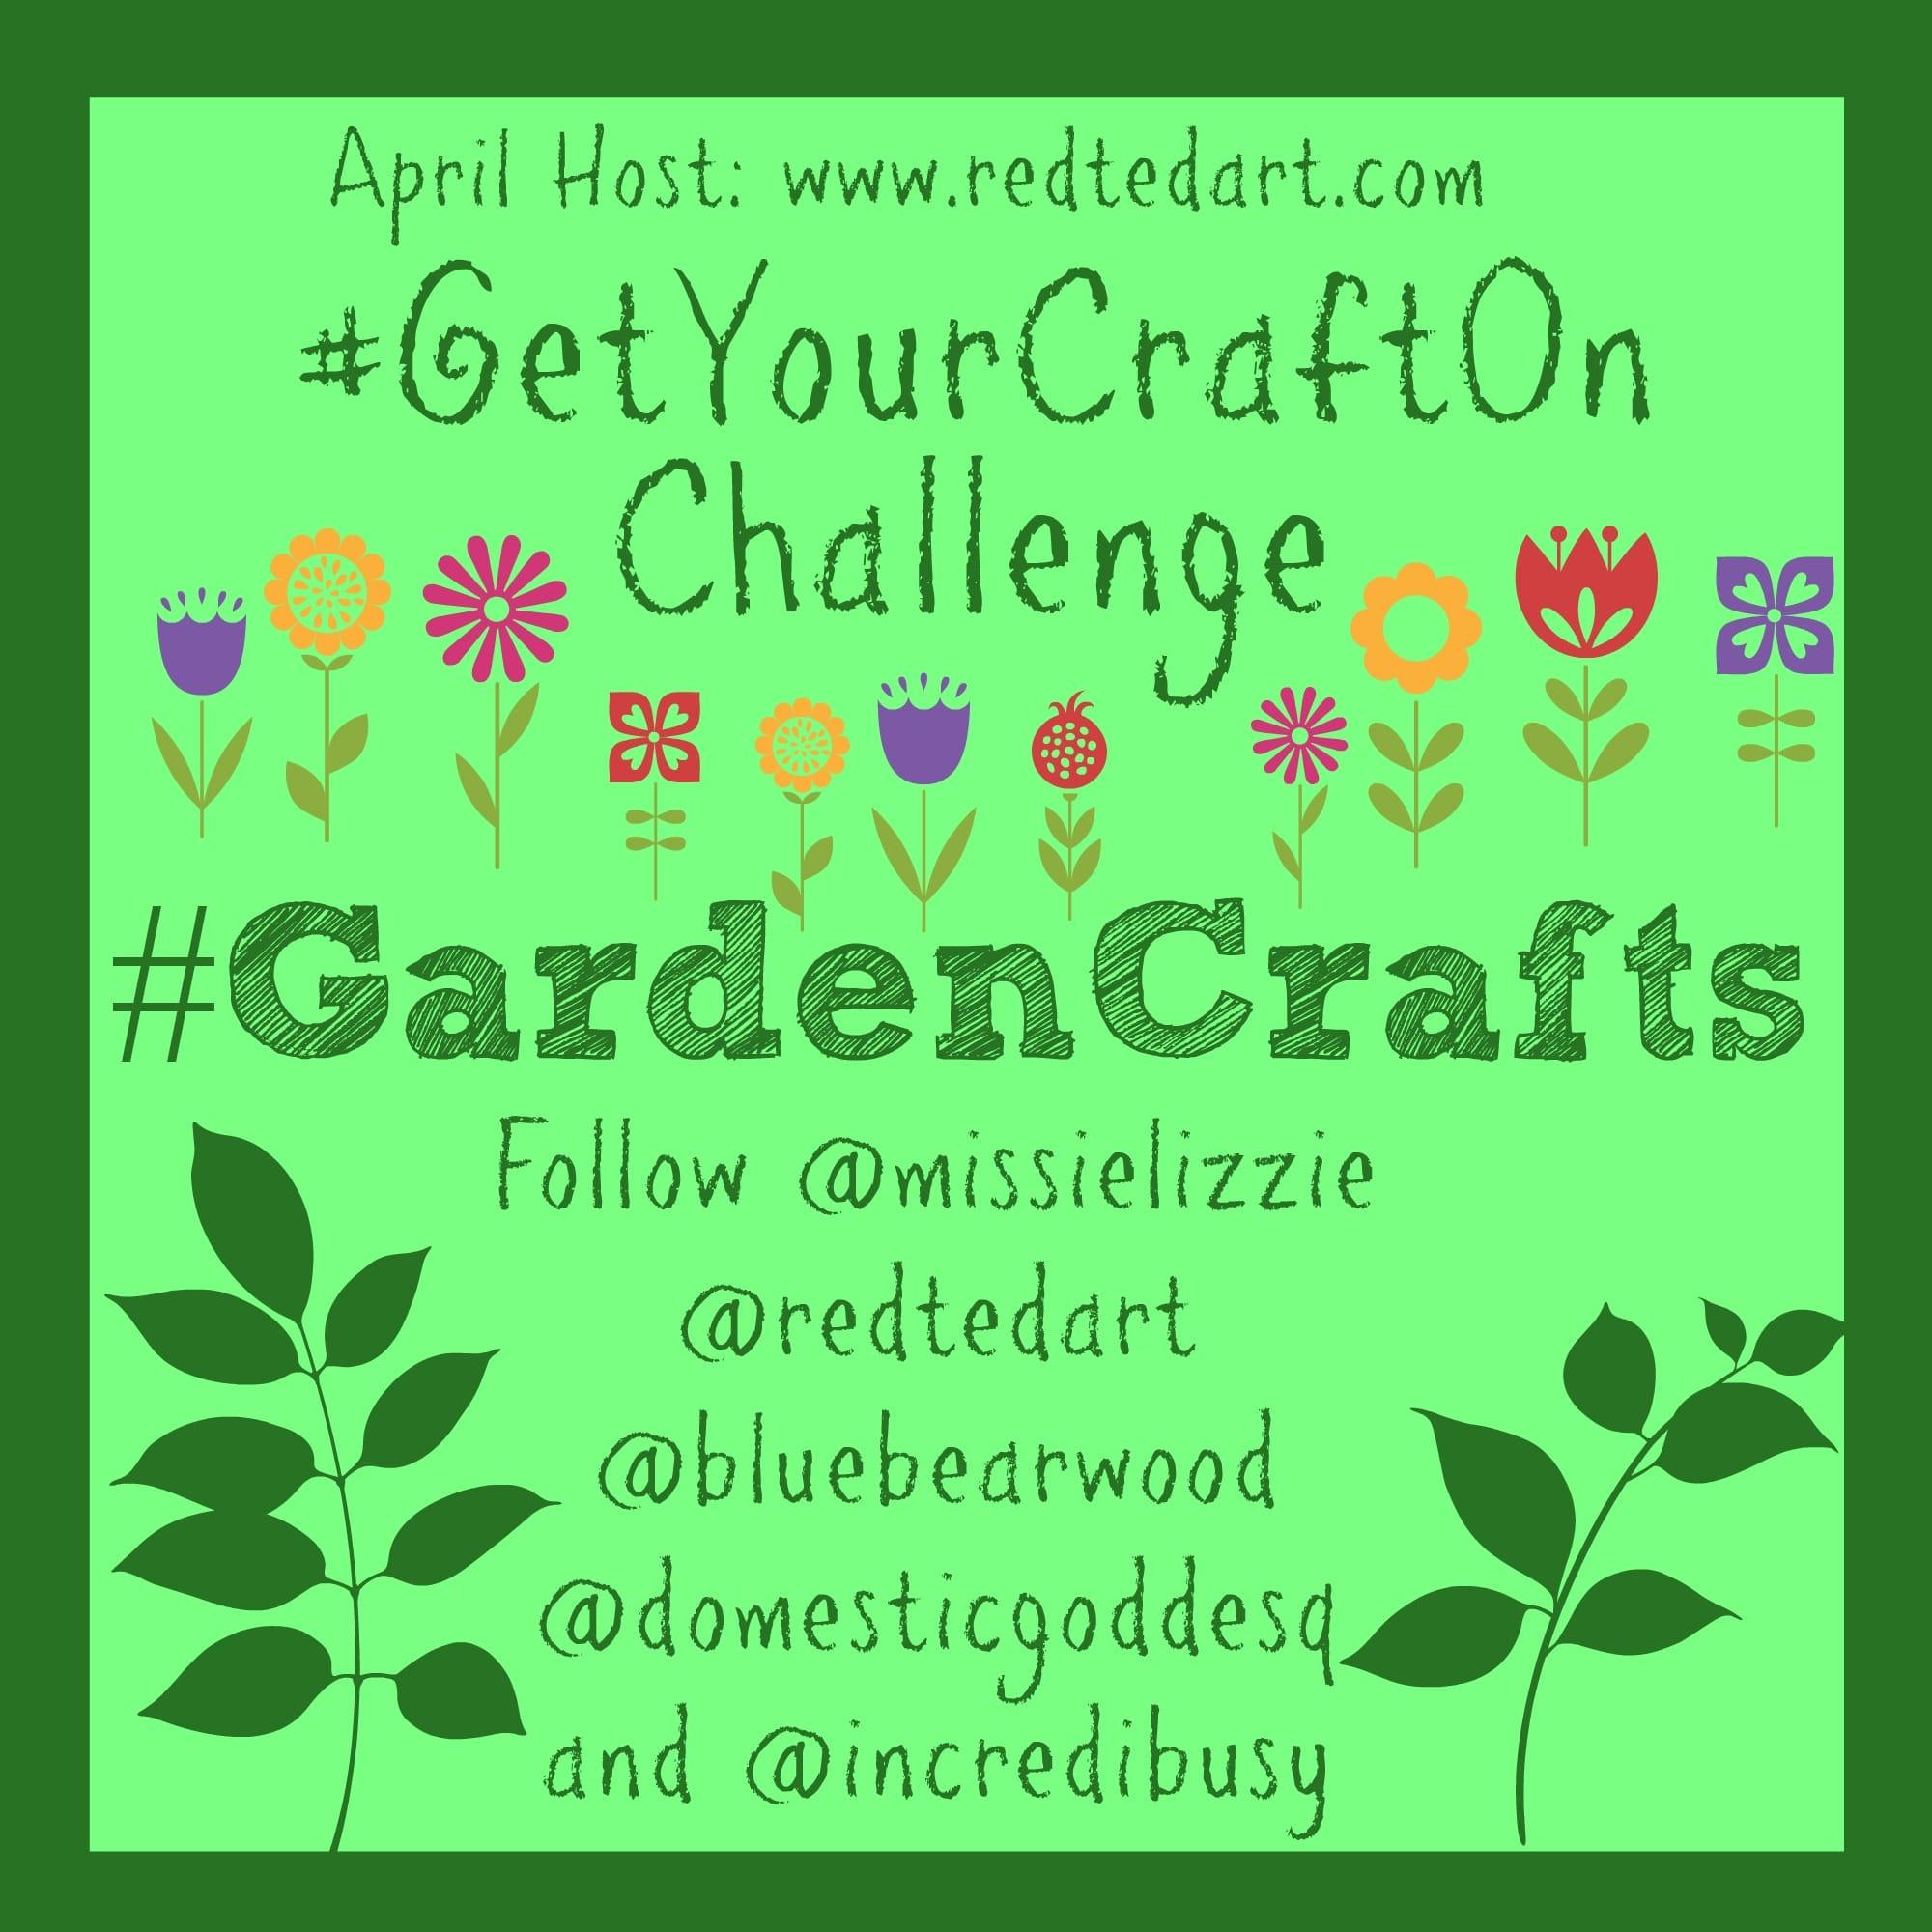 GetYourCraftOn GardenCrafts Challenge